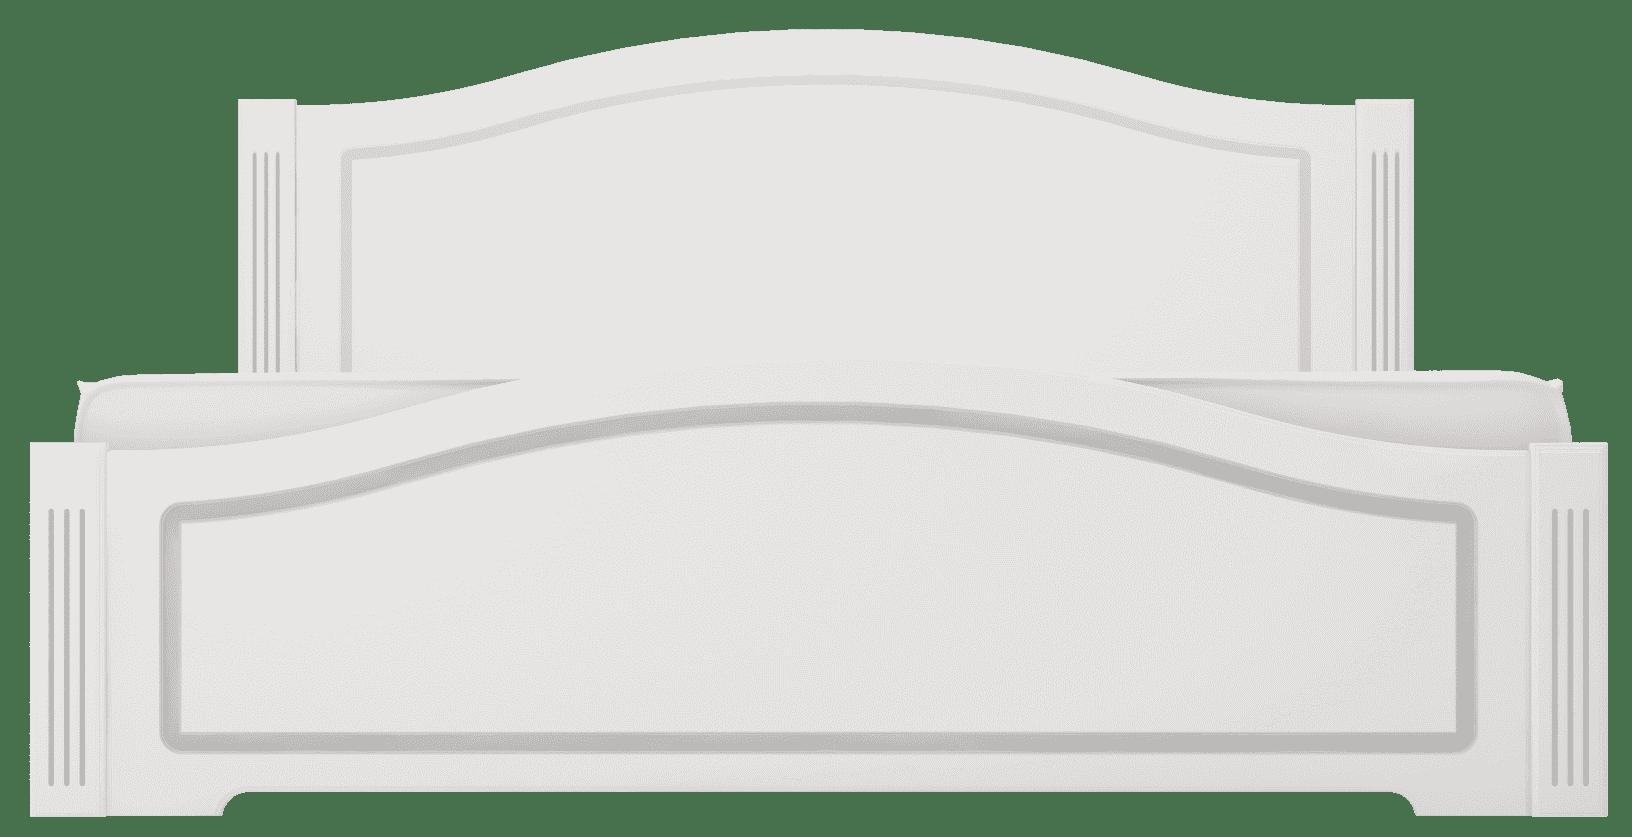 """Спальня Виктория (комплект 2) """"Ижмебель"""" - фото 33 Виктория кровать 120*200 см с латами, без матраса"""